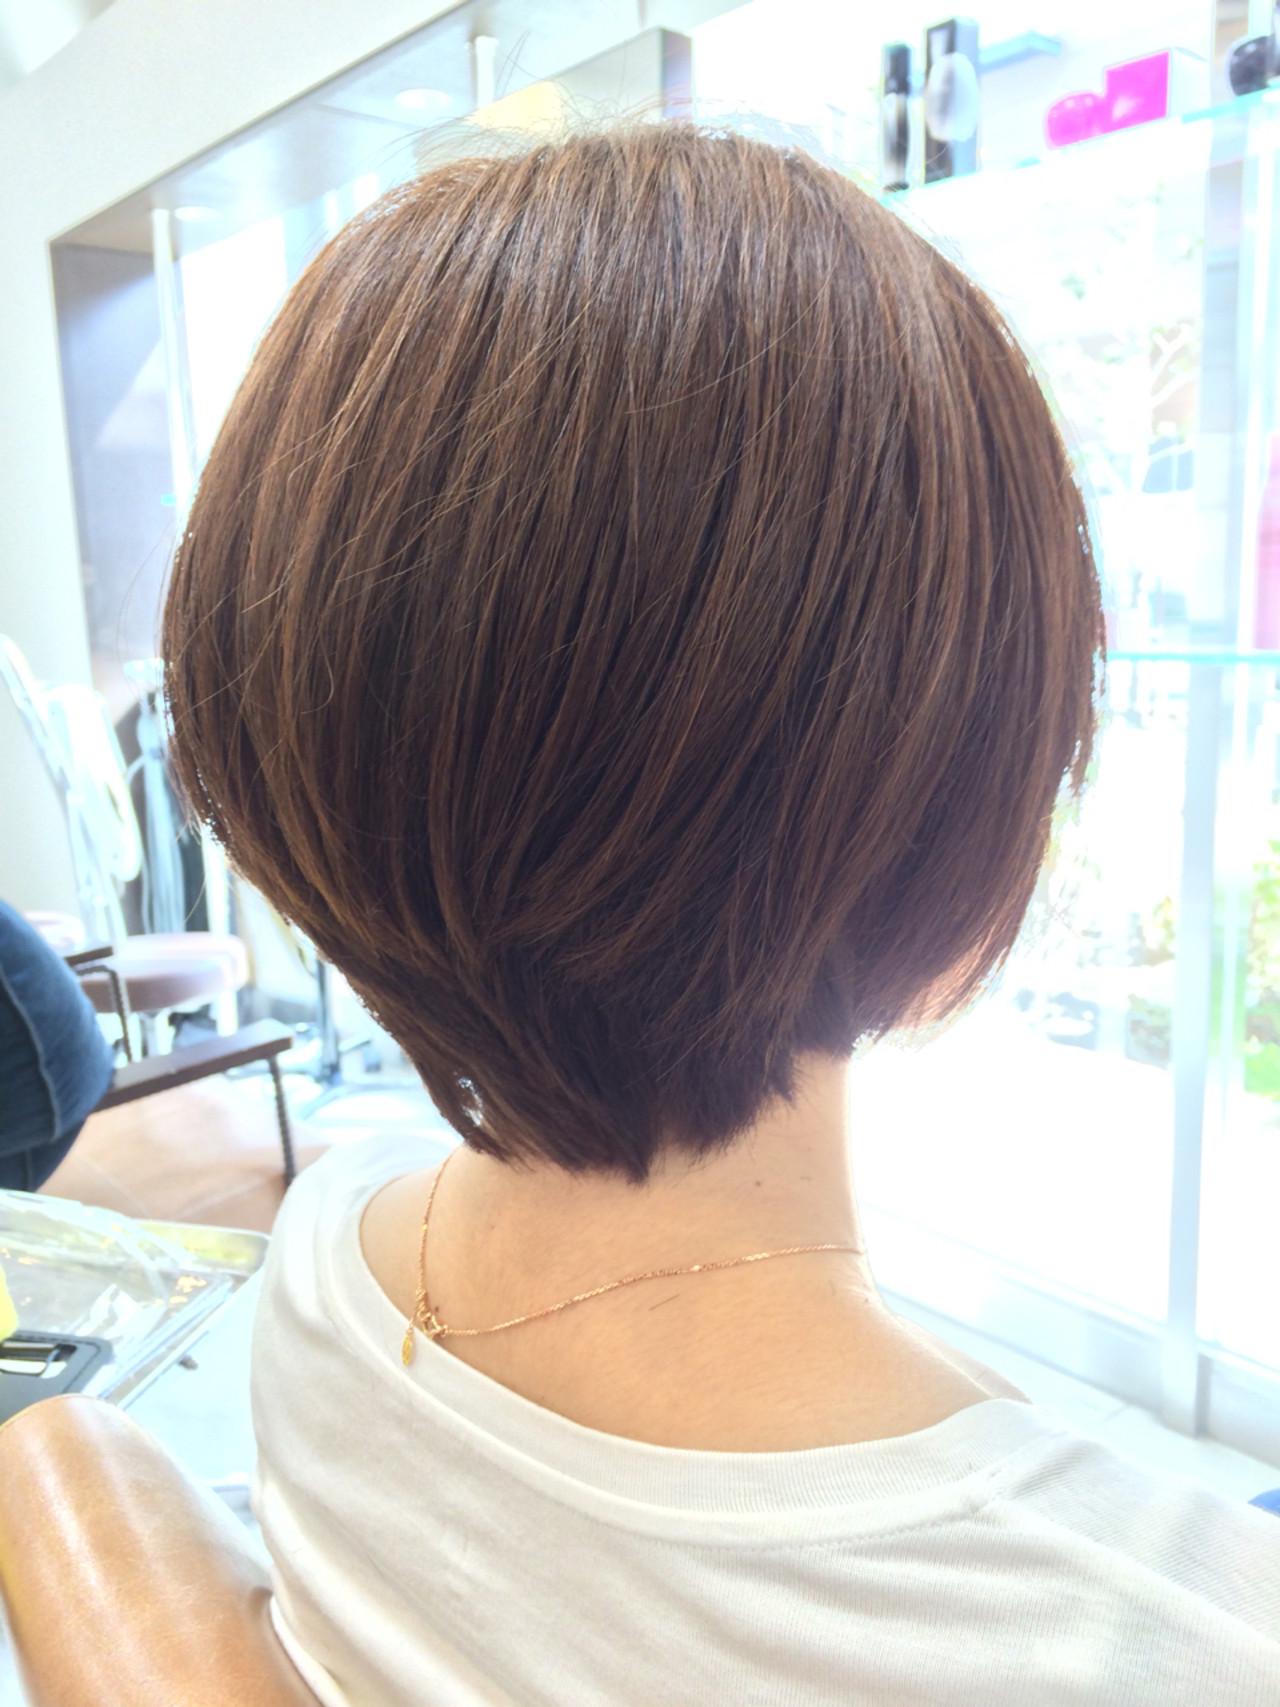 ナチュラル ボブ 大人女子 ショートボブ ヘアスタイルや髪型の写真・画像 | 藤田 祥平/brace / Soin de brace 大日店